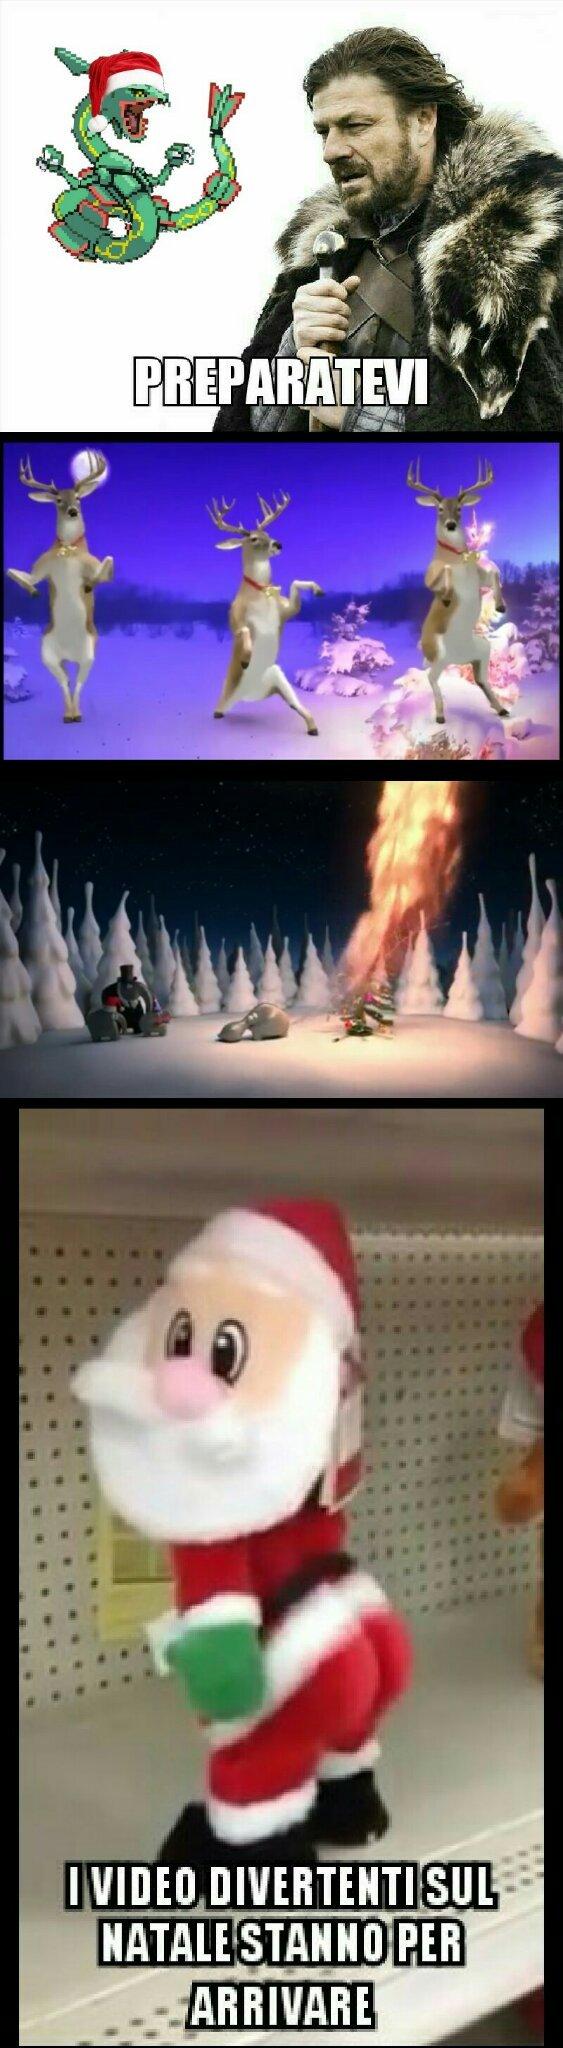 Merry Christmas Memedroid :D Cito il mio nuovo PC :happy: [MineDerpLOL]